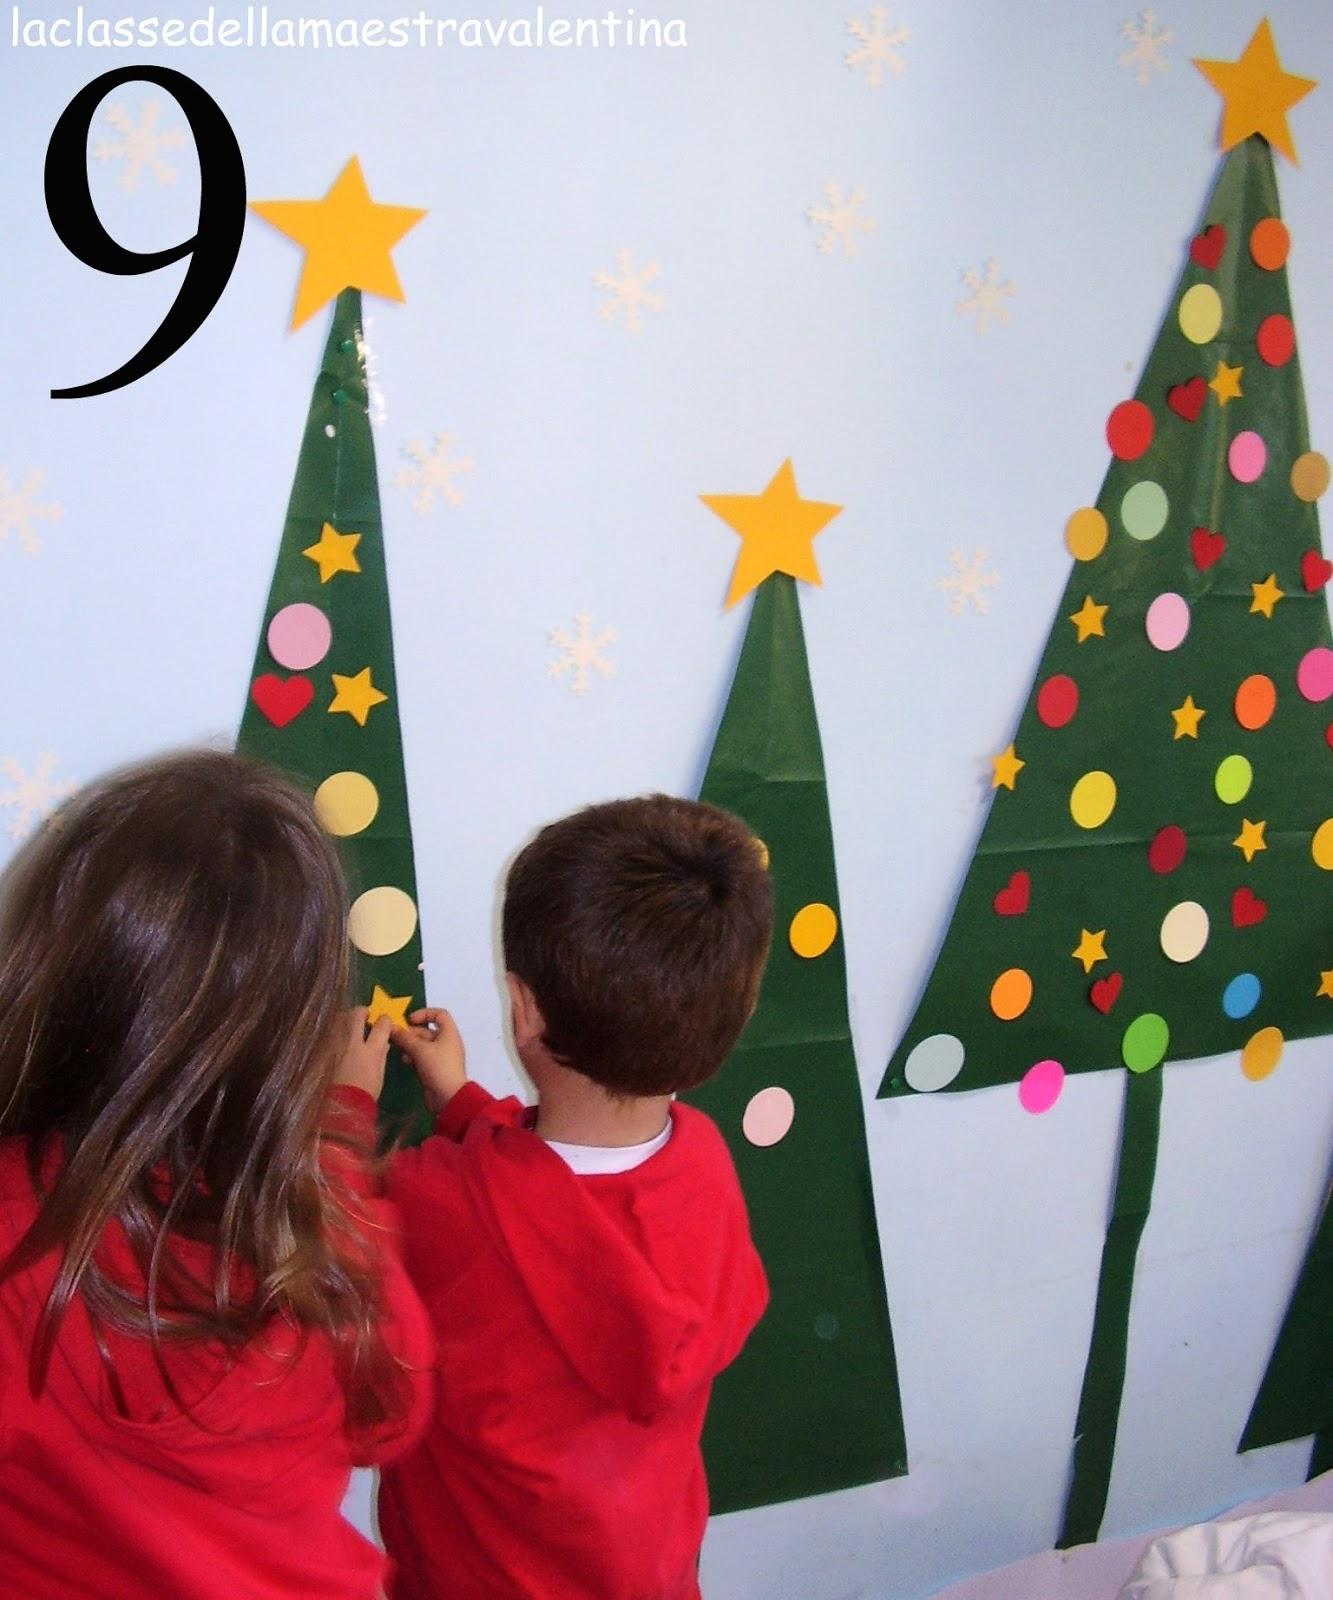 La classe della maestra valentina natale con i bambini for La classe della maestra